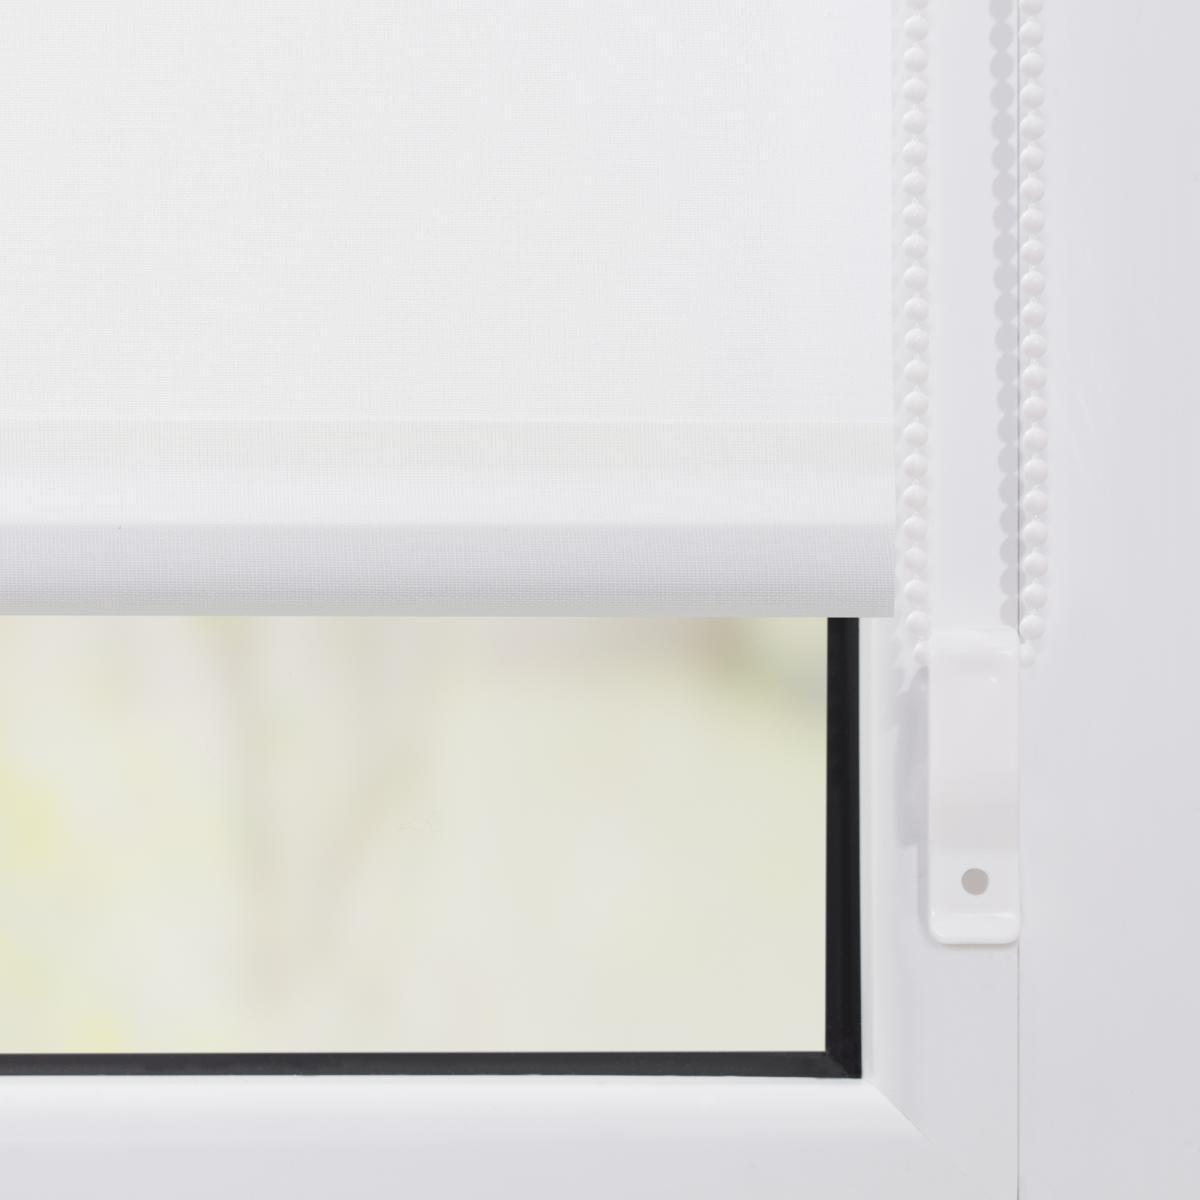 Bild 4 von Lichtblick Rollo Klemmfix, ohne Bohren, blickdicht, Rentier Weihnachten - Bunt, 120 x 150 cm (B x L)